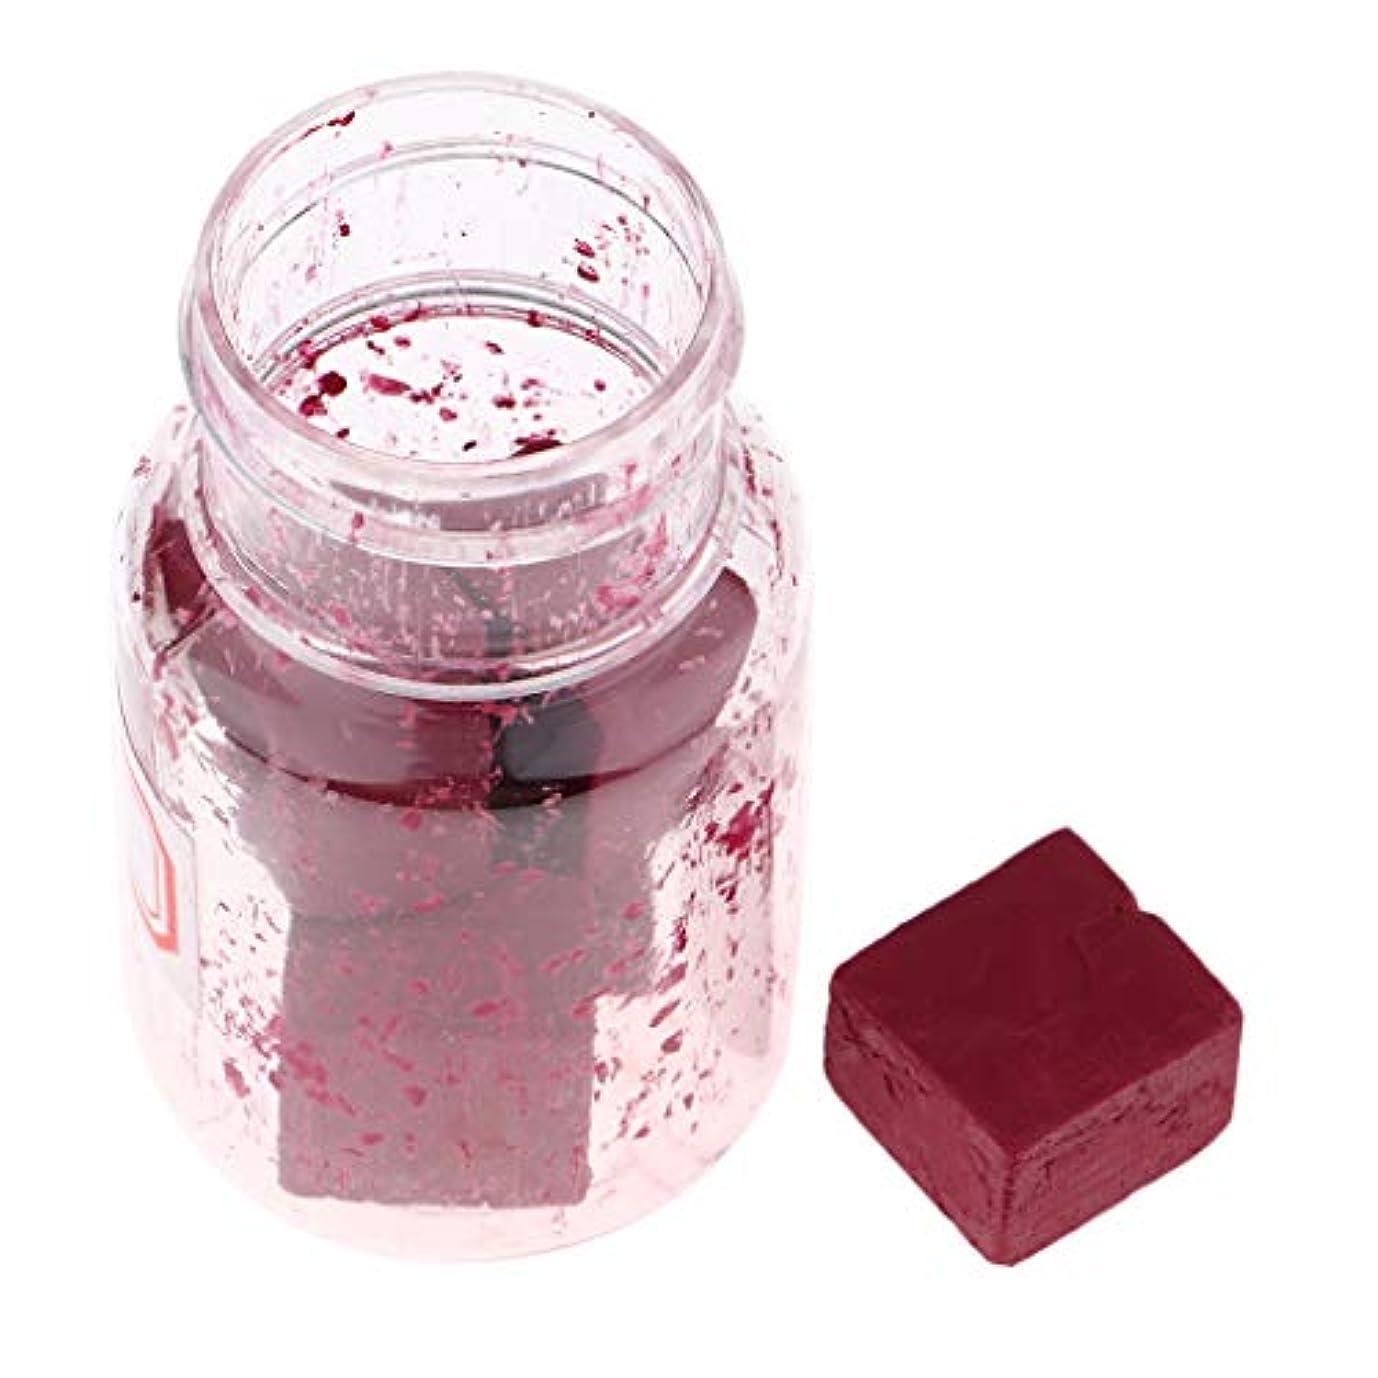 ブレイズバッテリー薄汚い口紅の原料 リップスティック顔料 DIYリップライナー DIY工芸品 9色選択でき - F